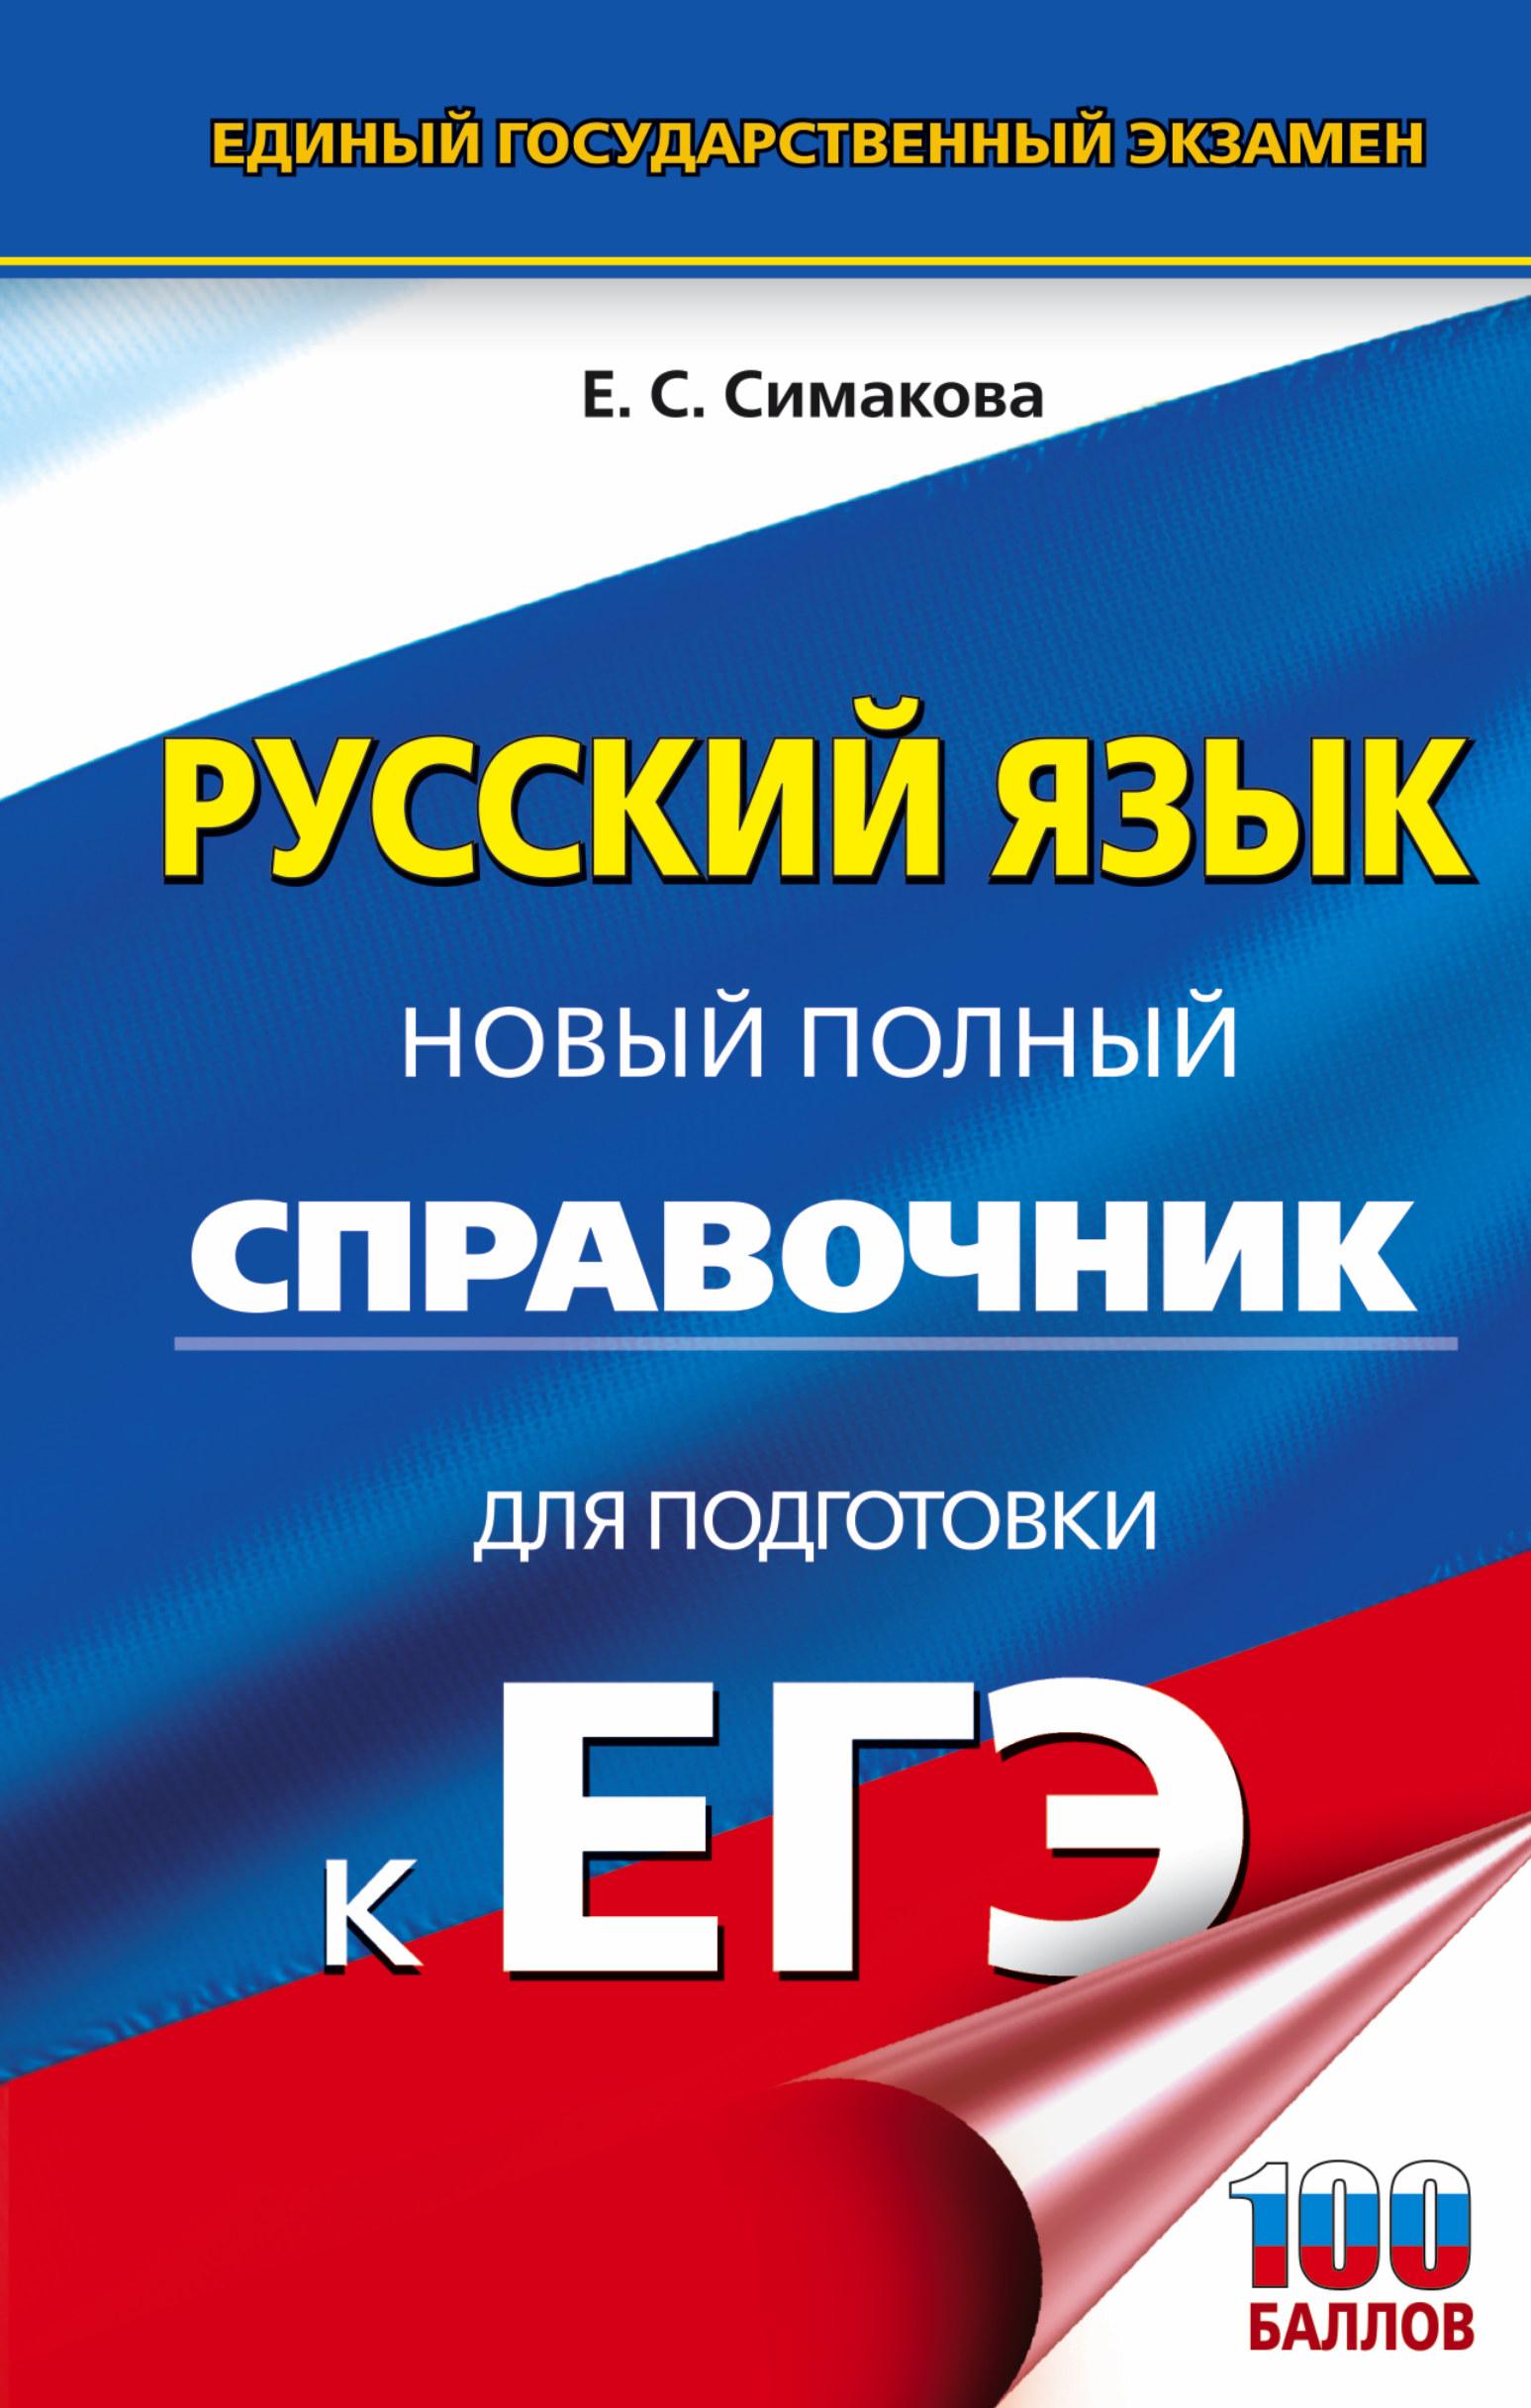 Украинскому языку решебник литературе и 2019 года эзаменам к